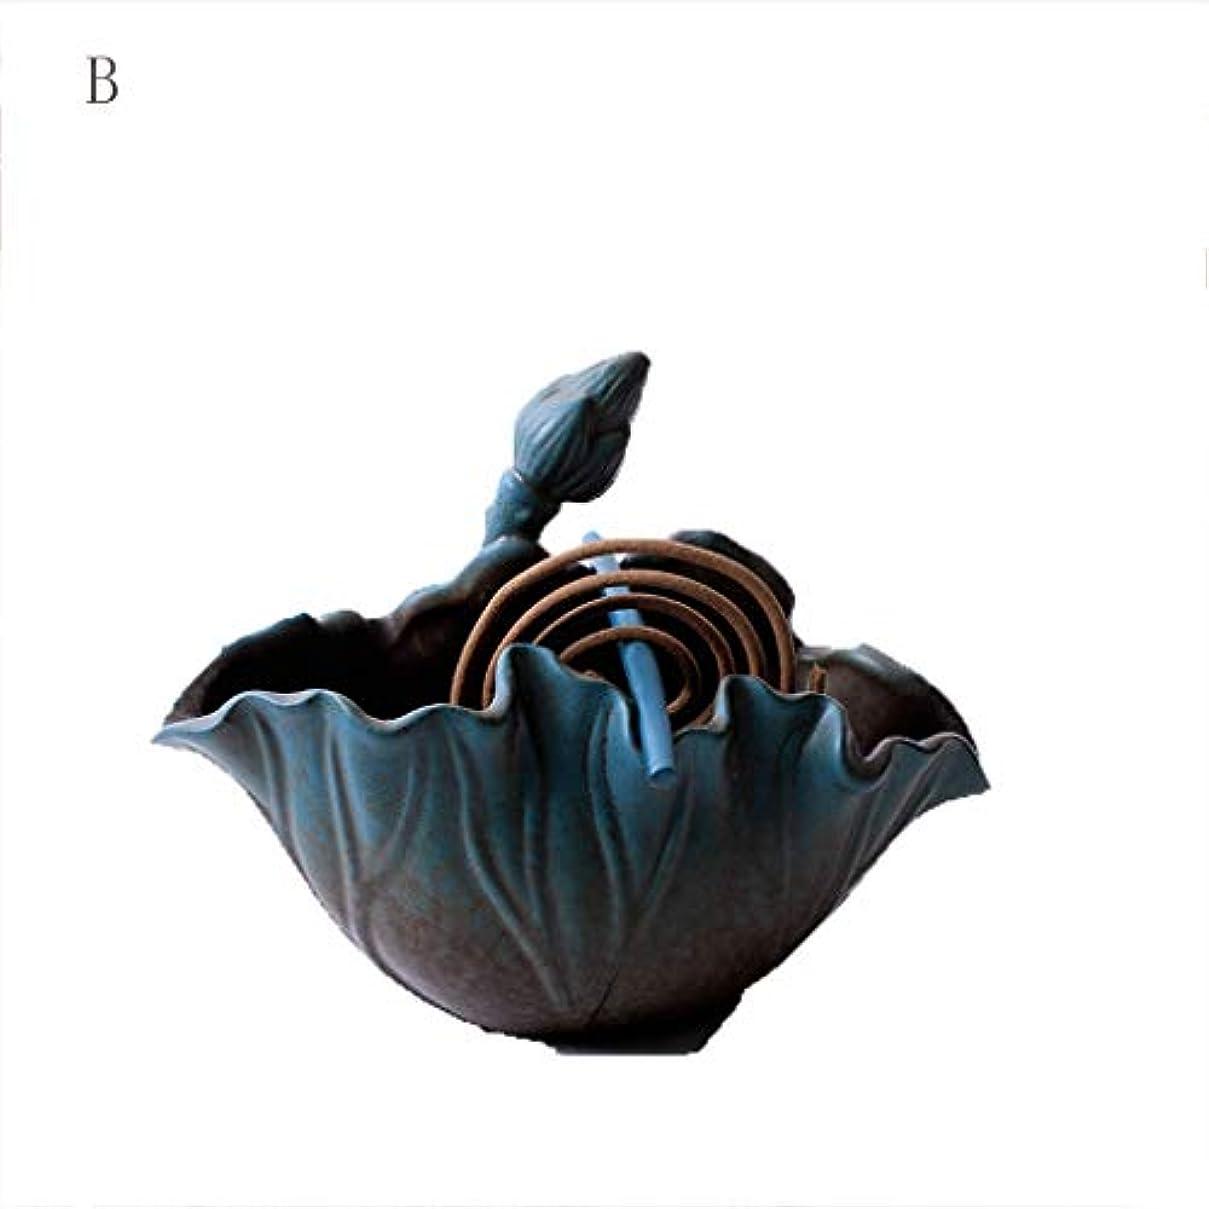 マディソンそれにもかかわらず気づくホームアロマバーナー クリエイティブお香バーナーロータス香インサートセラミック皿白檀炉蚊香バーナー茶道 アロマバーナー (サイズ : B)